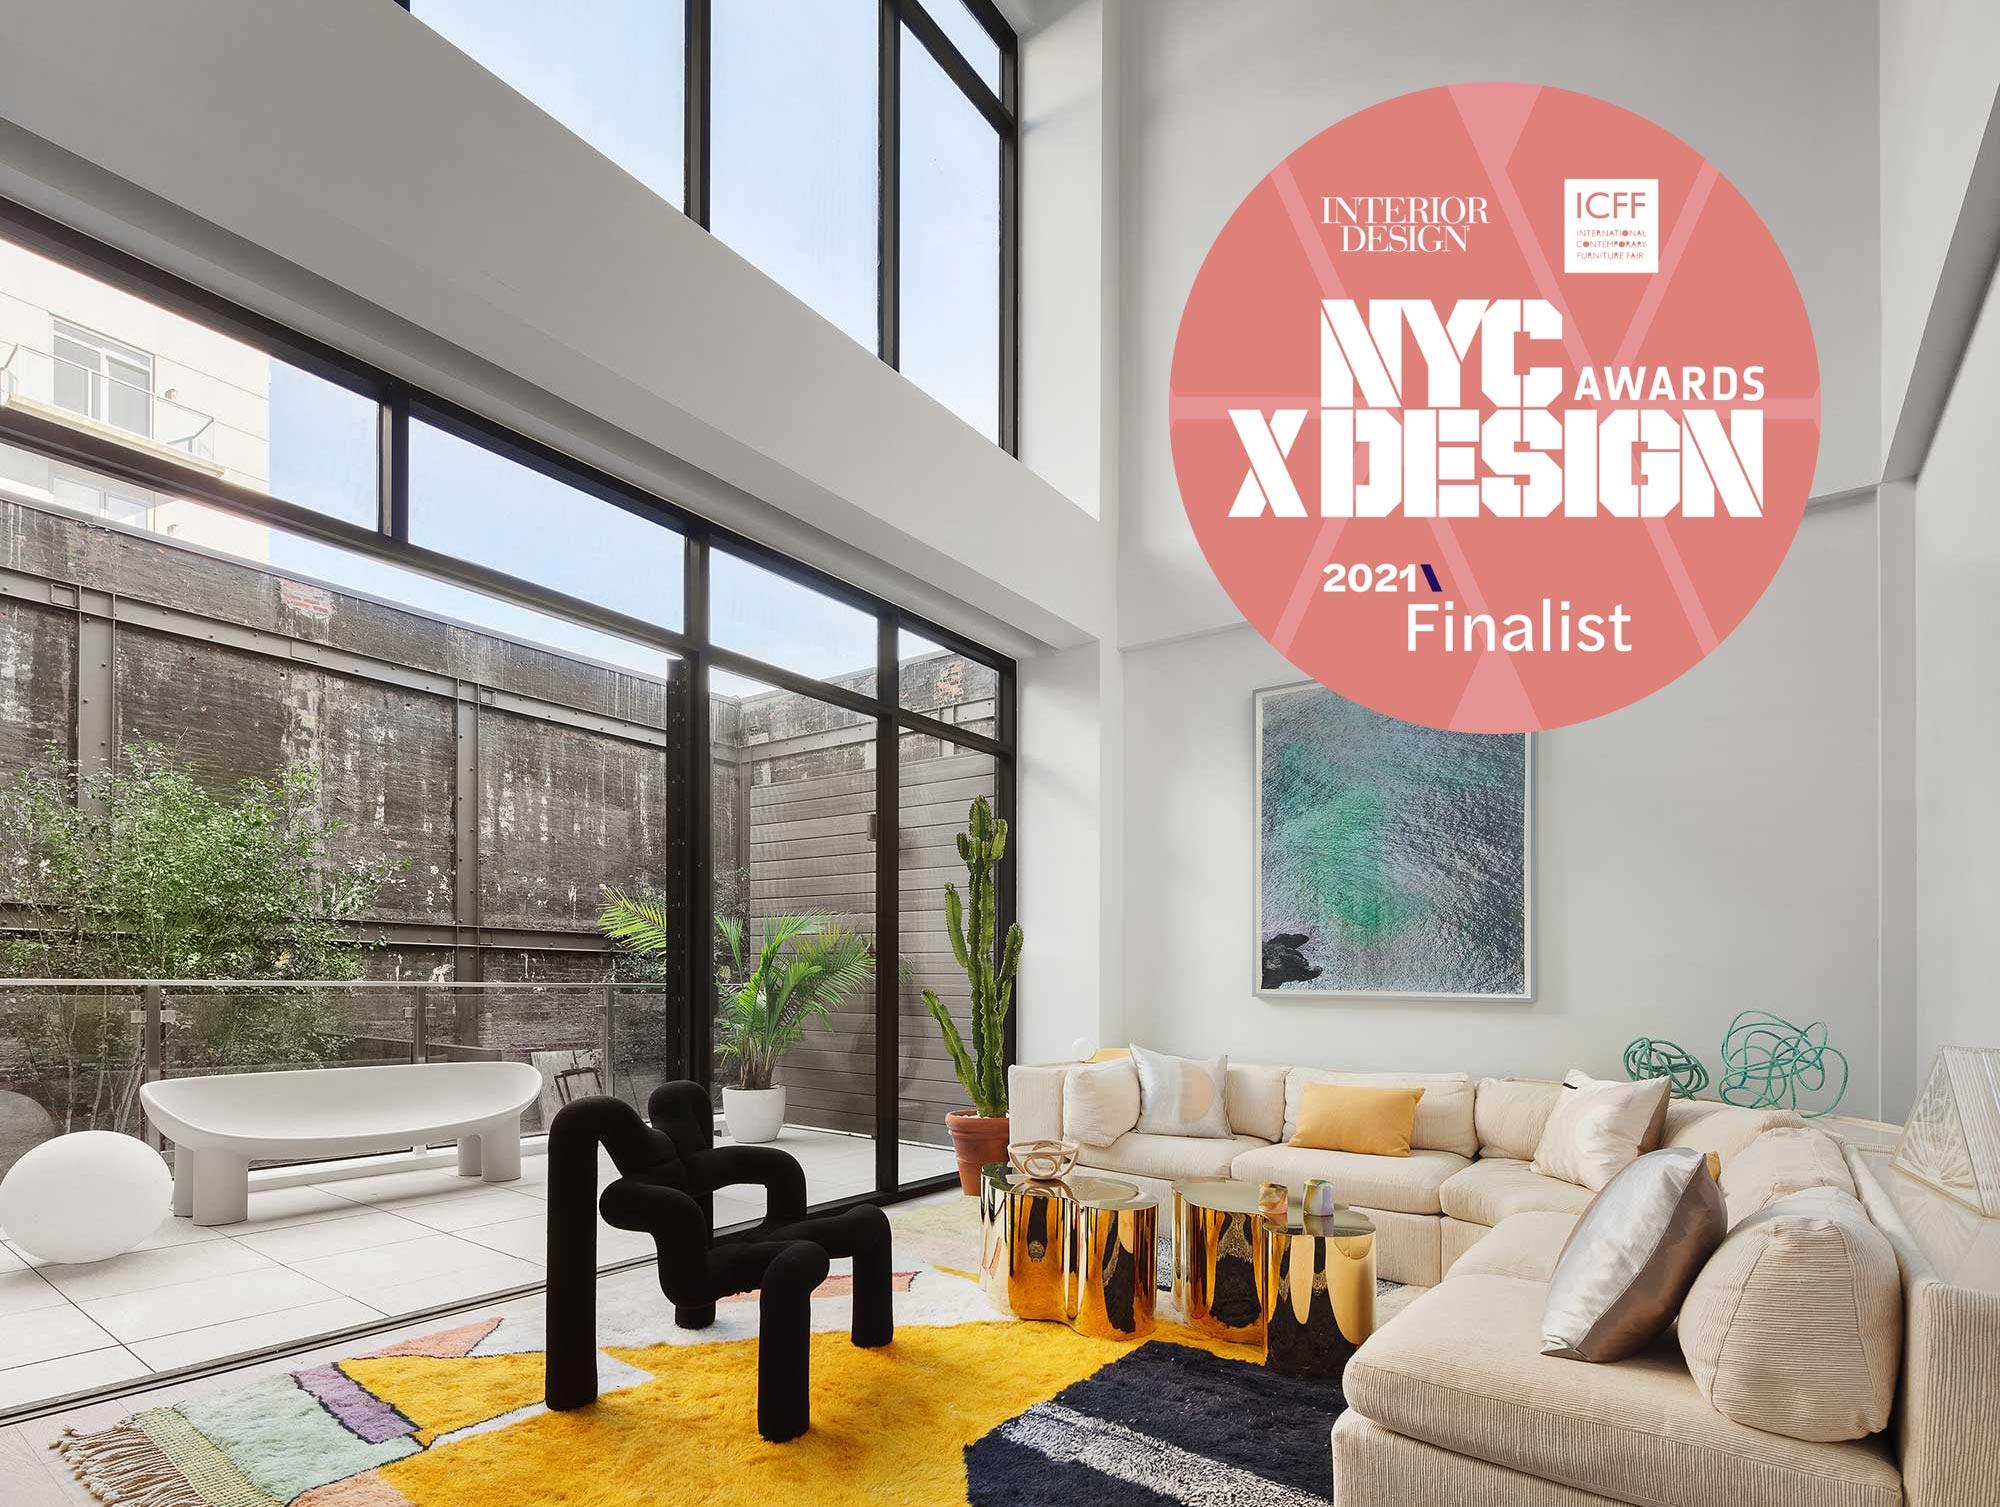 NYCXDESIGN Award Small Multi Unit Housing Finalist